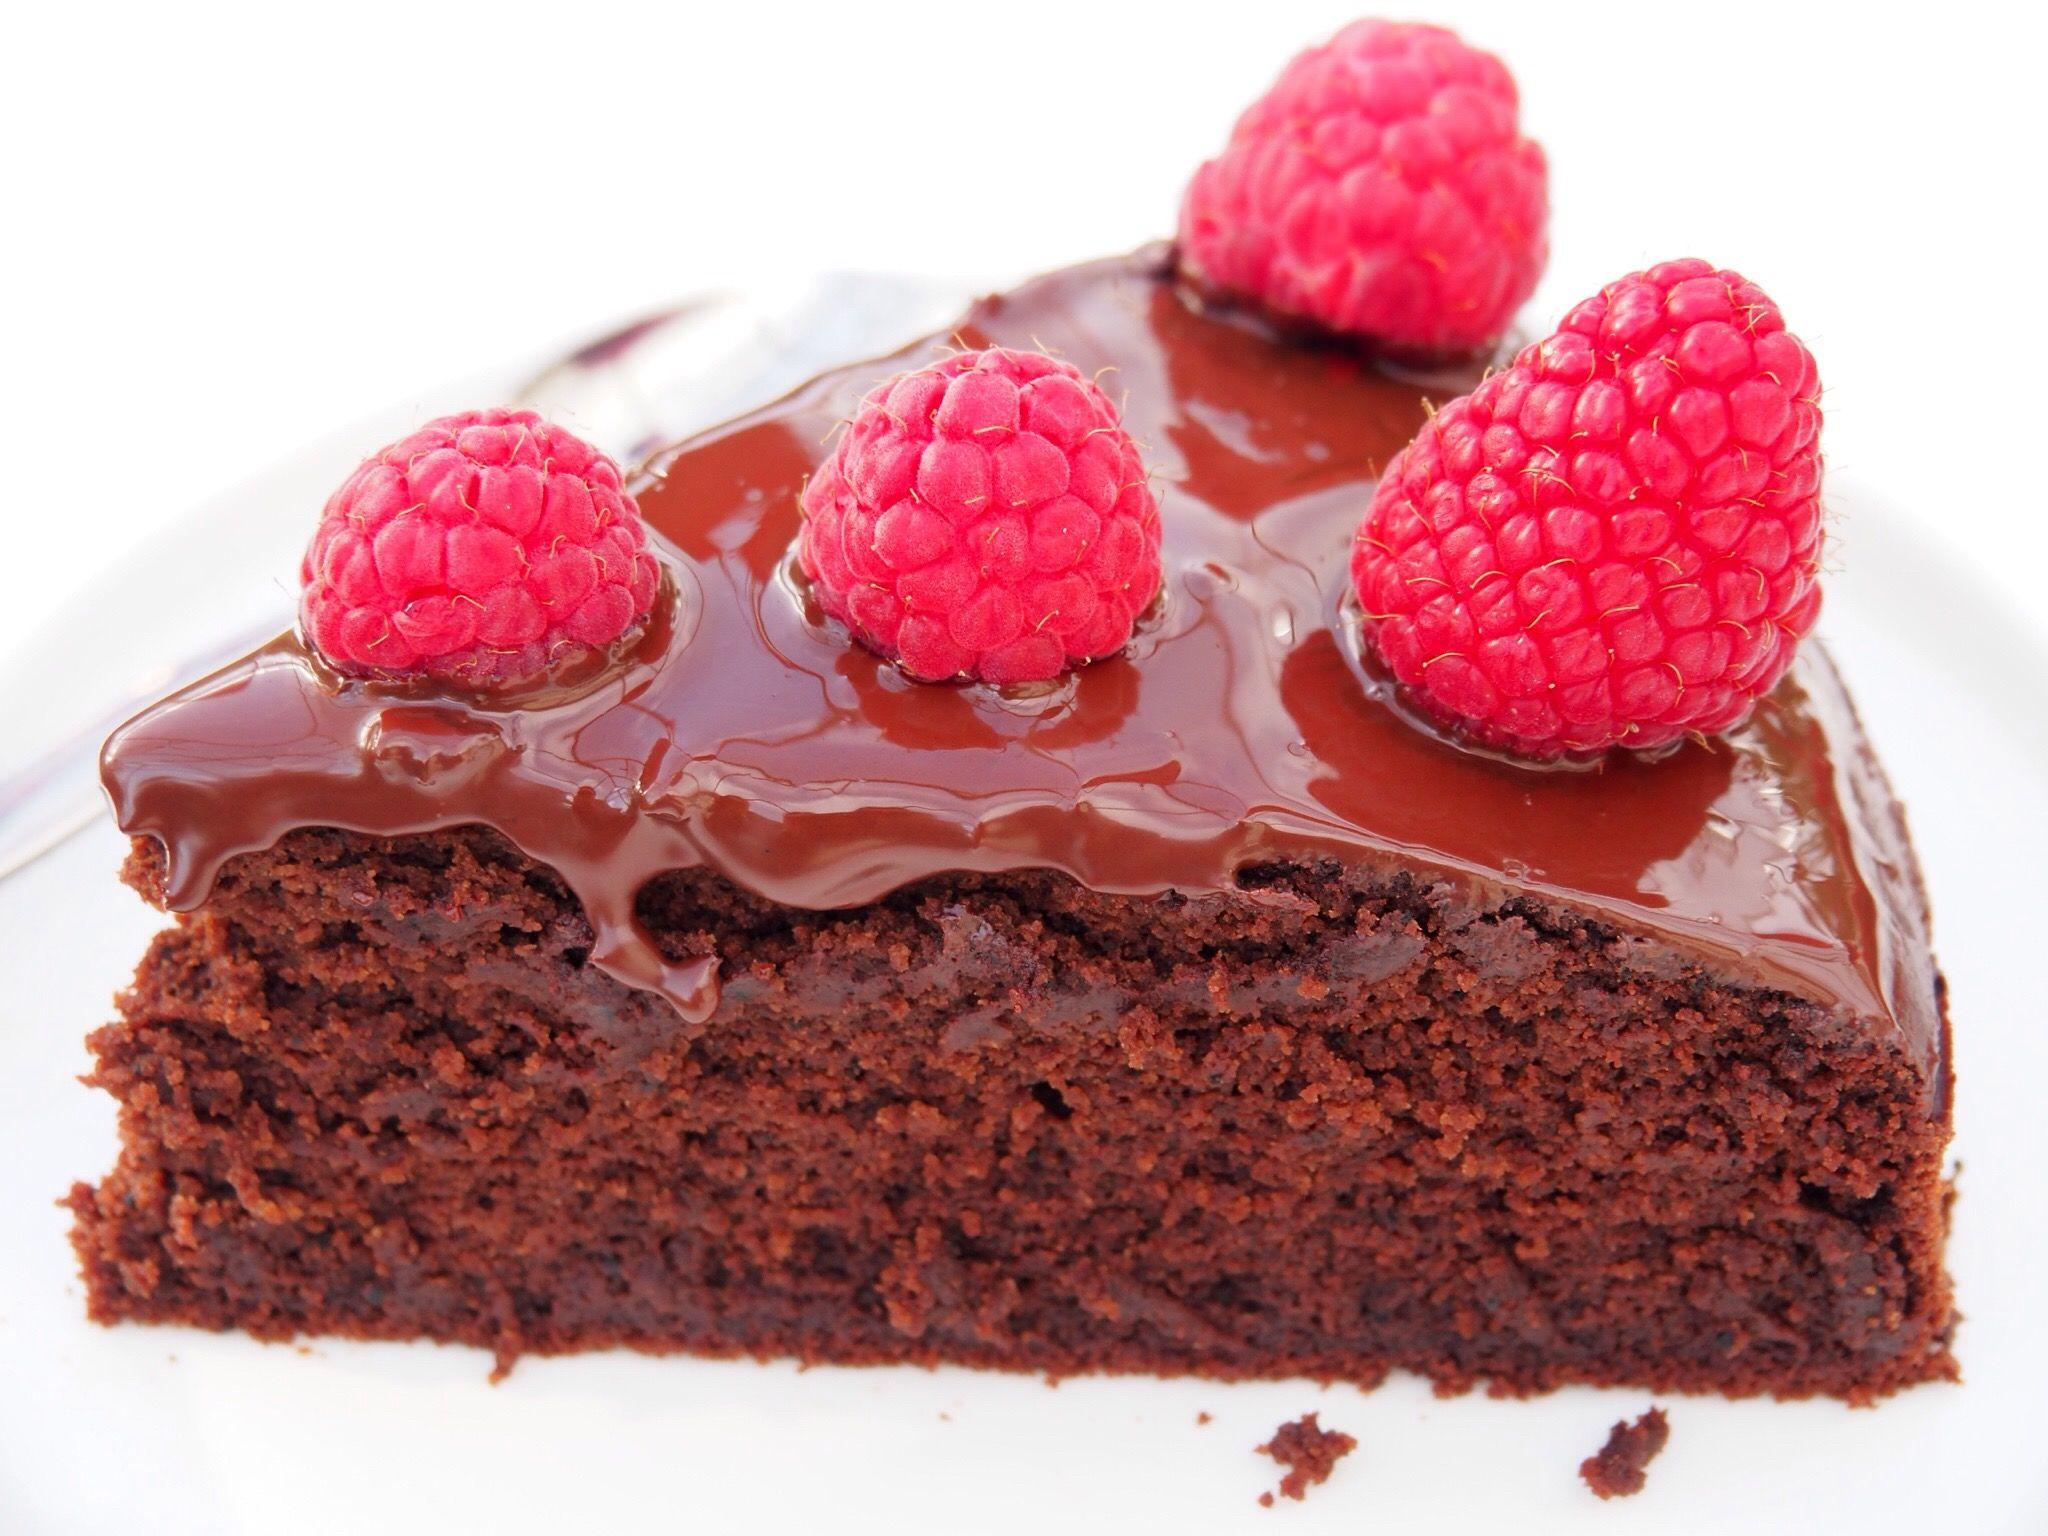 Vegan and Gluten-Free Chocolate Cake